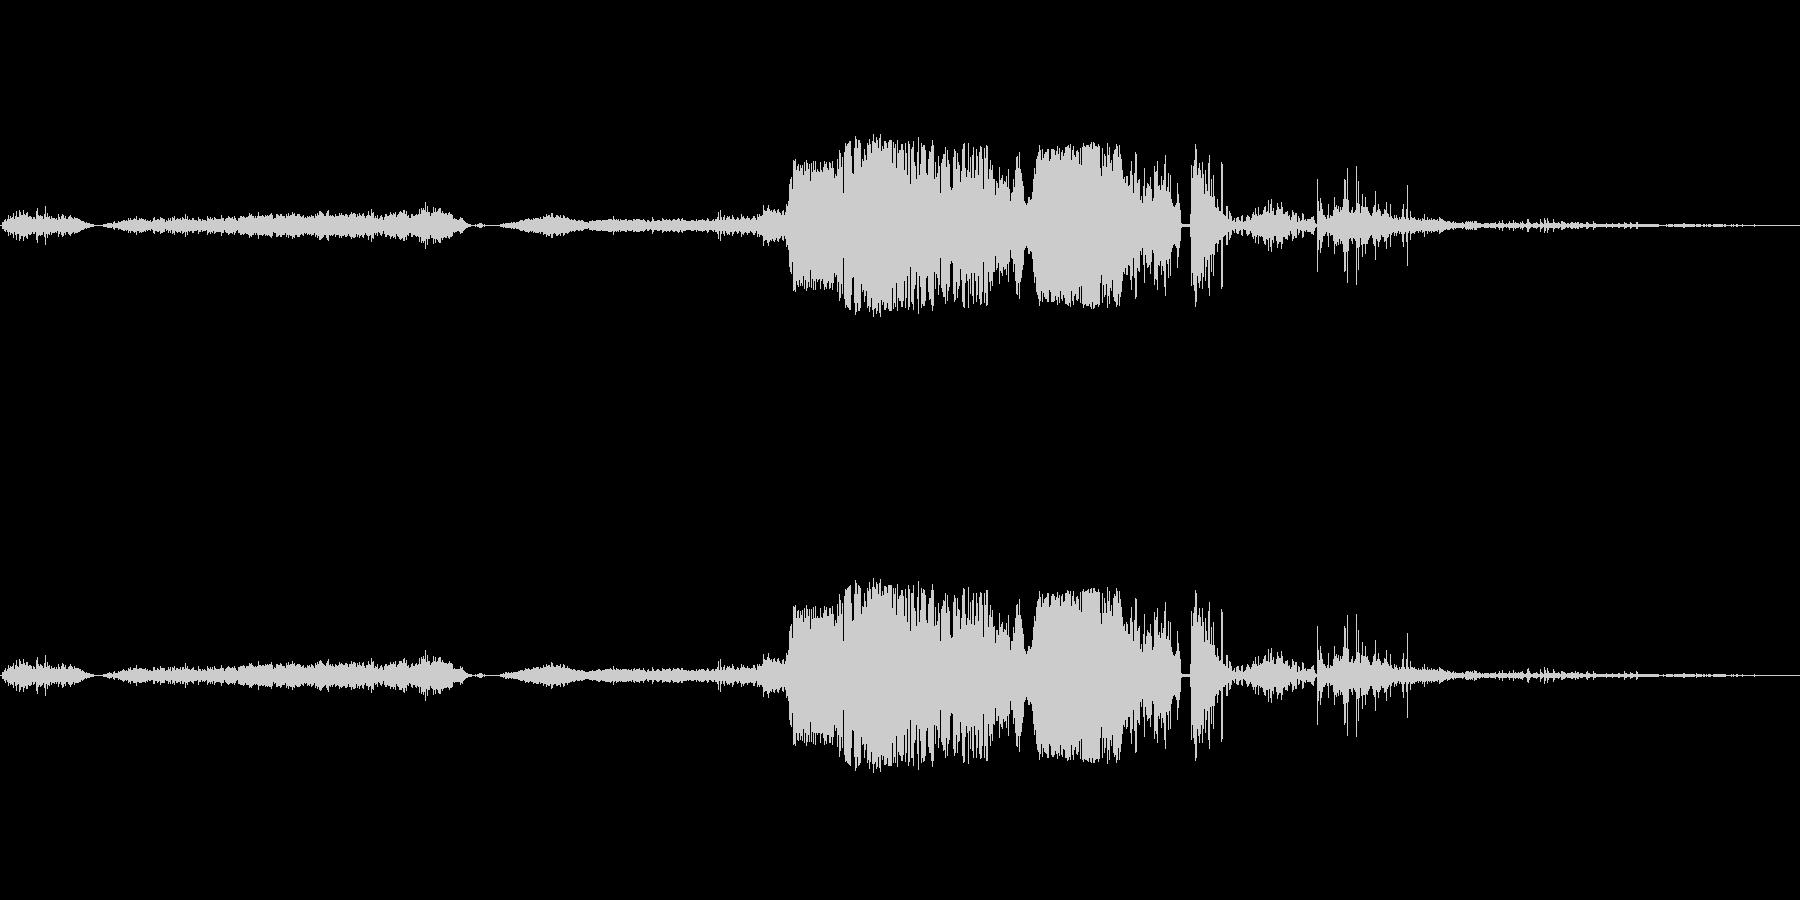 加工されたボーカルスニーズその他の...の未再生の波形